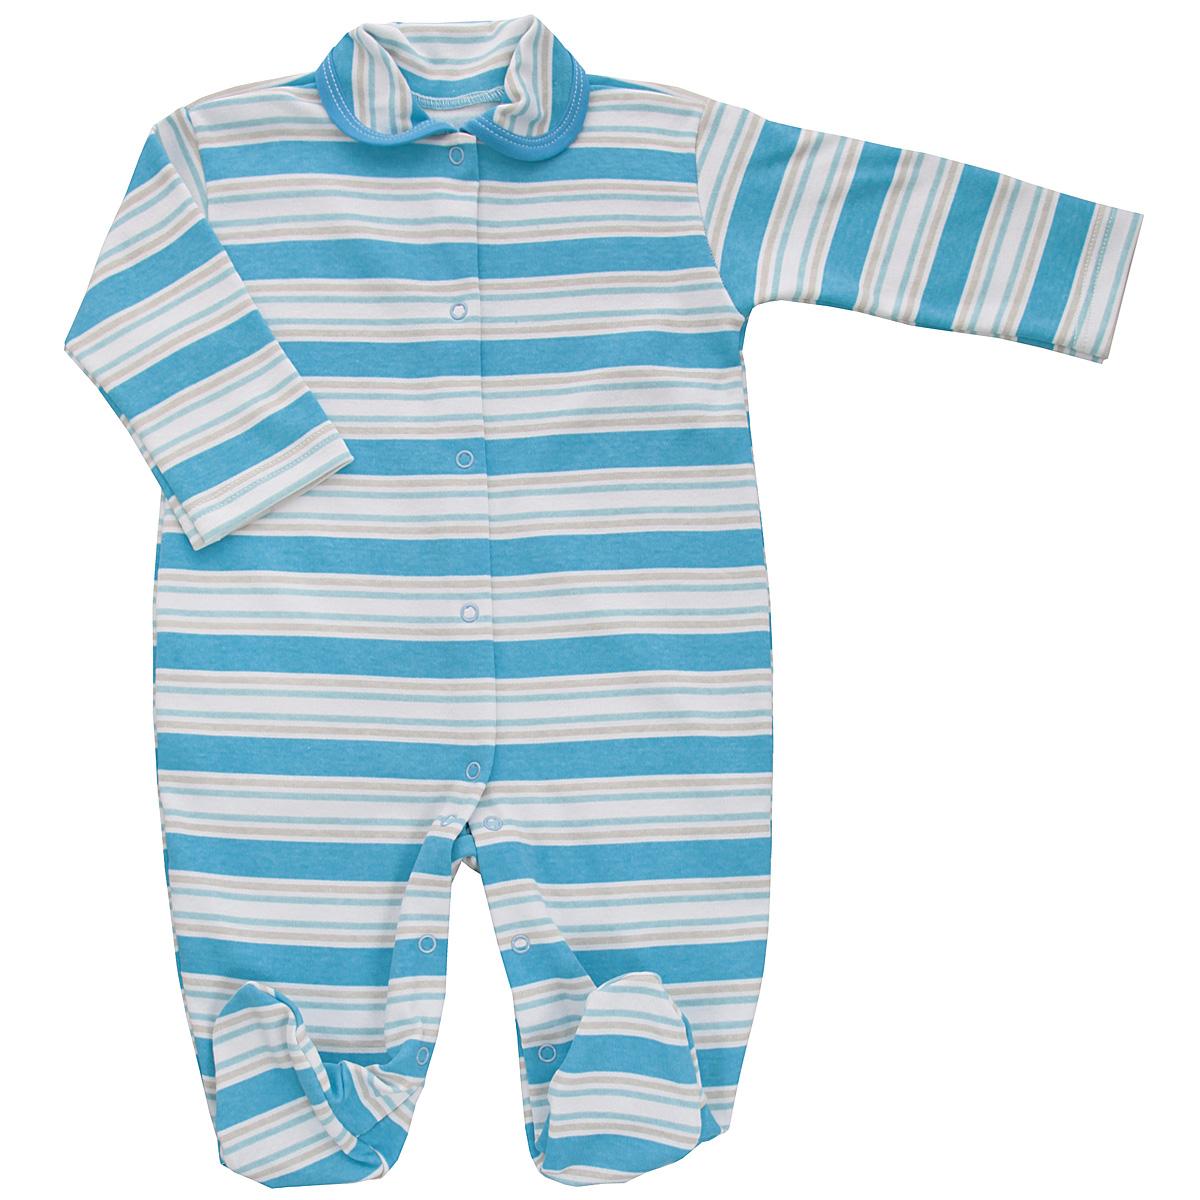 Комбинезон детский Трон-плюс, цвет: голубой, белый, светло-бежевый. 5815_полоска. Размер 56, 1 месяц5815_полоскаДетский комбинезон Трон-Плюс - очень удобный и практичный вид одежды для малышей. Комбинезон выполнен из интерлока - натурального хлопка, благодаря чему он необычайно мягкий и приятный на ощупь, не раздражает нежную кожу ребенка, и хорошо вентилируются, а эластичные швы приятны телу младенца и не препятствуют его движениям. Комбинезон с длинными рукавами, закрытыми ножками и отложным воротничком имеет застежки-кнопки от горловины до щиколоток, которые помогают легко переодеть ребенка или сменить подгузник. Воротник по краю дополнен контрастной бейкой. Оформлено изделие принтом в полоску. С детским комбинезоном спинка и ножки вашего крохи всегда будут в тепле, он идеален для использования днем и незаменим ночью. Комбинезон полностью соответствует особенностям жизни младенца в ранний период, не стесняя и не ограничивая его в движениях!